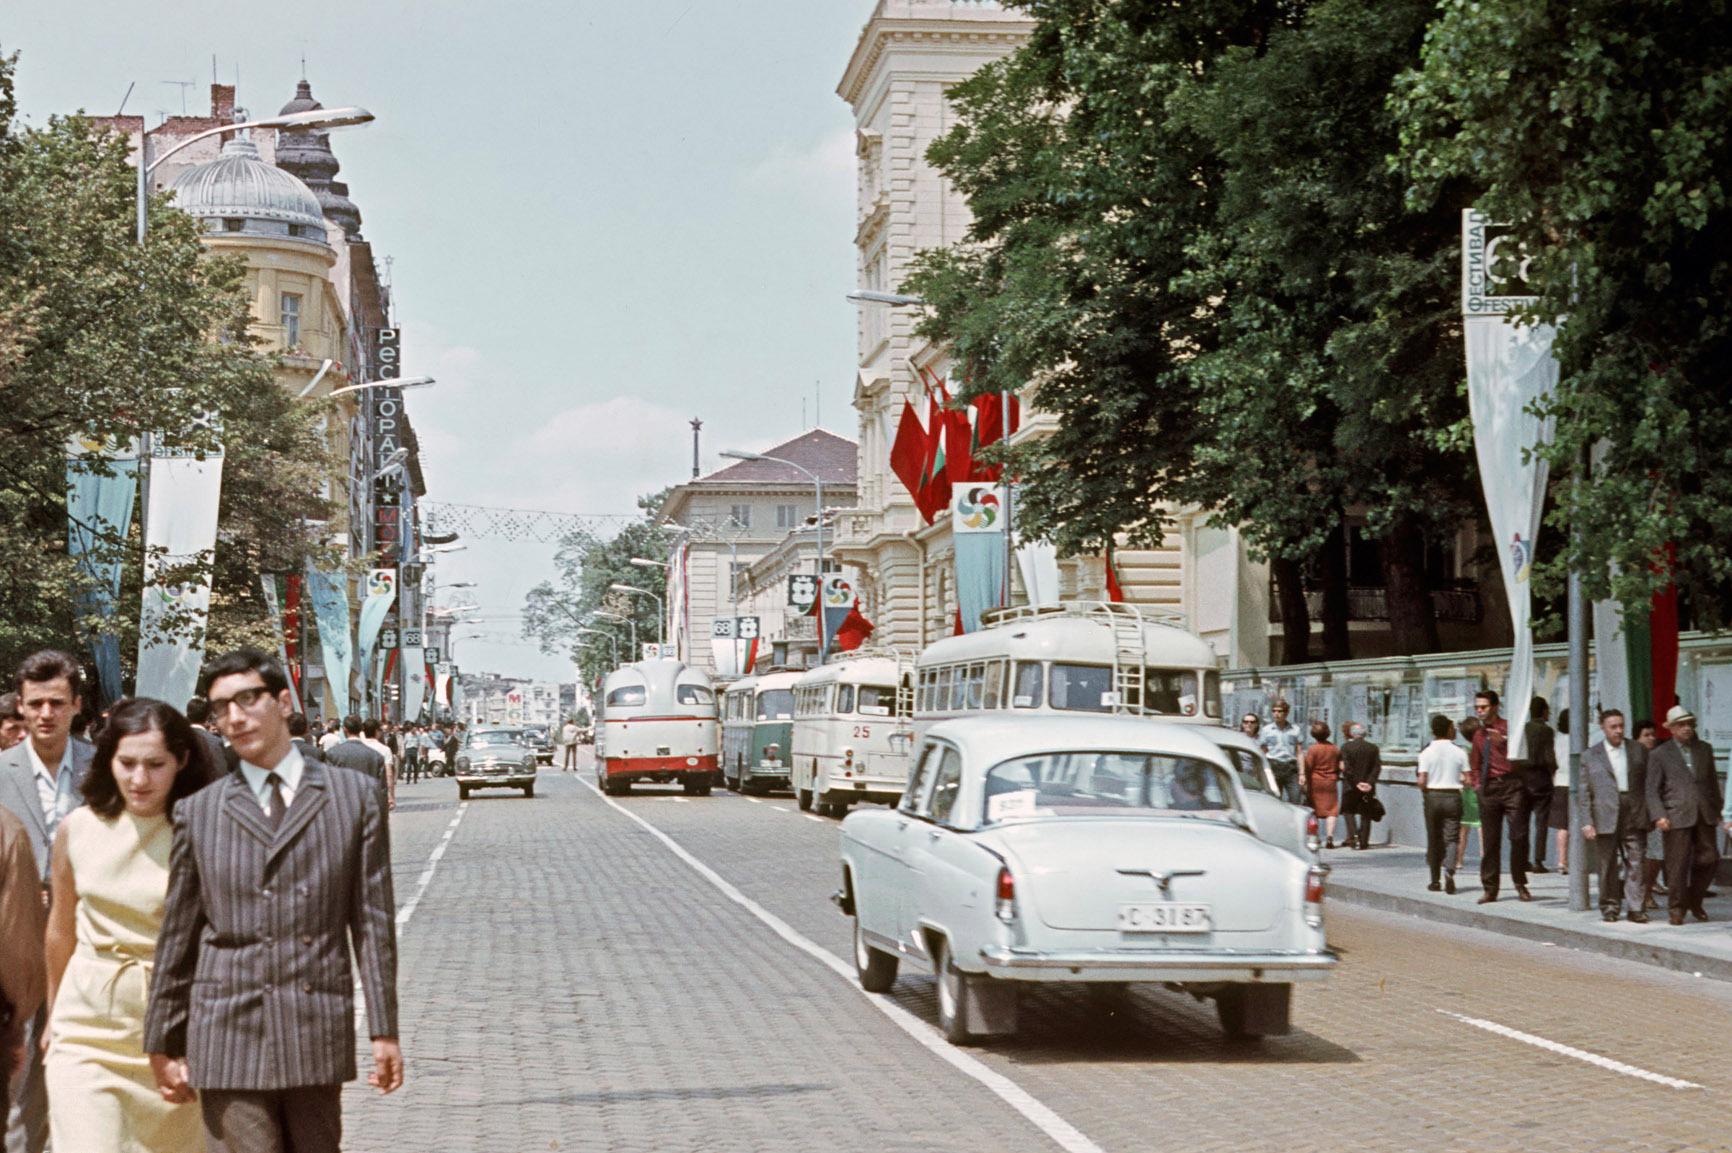 1968 София Во время Фестиваля молодёжи и студентов